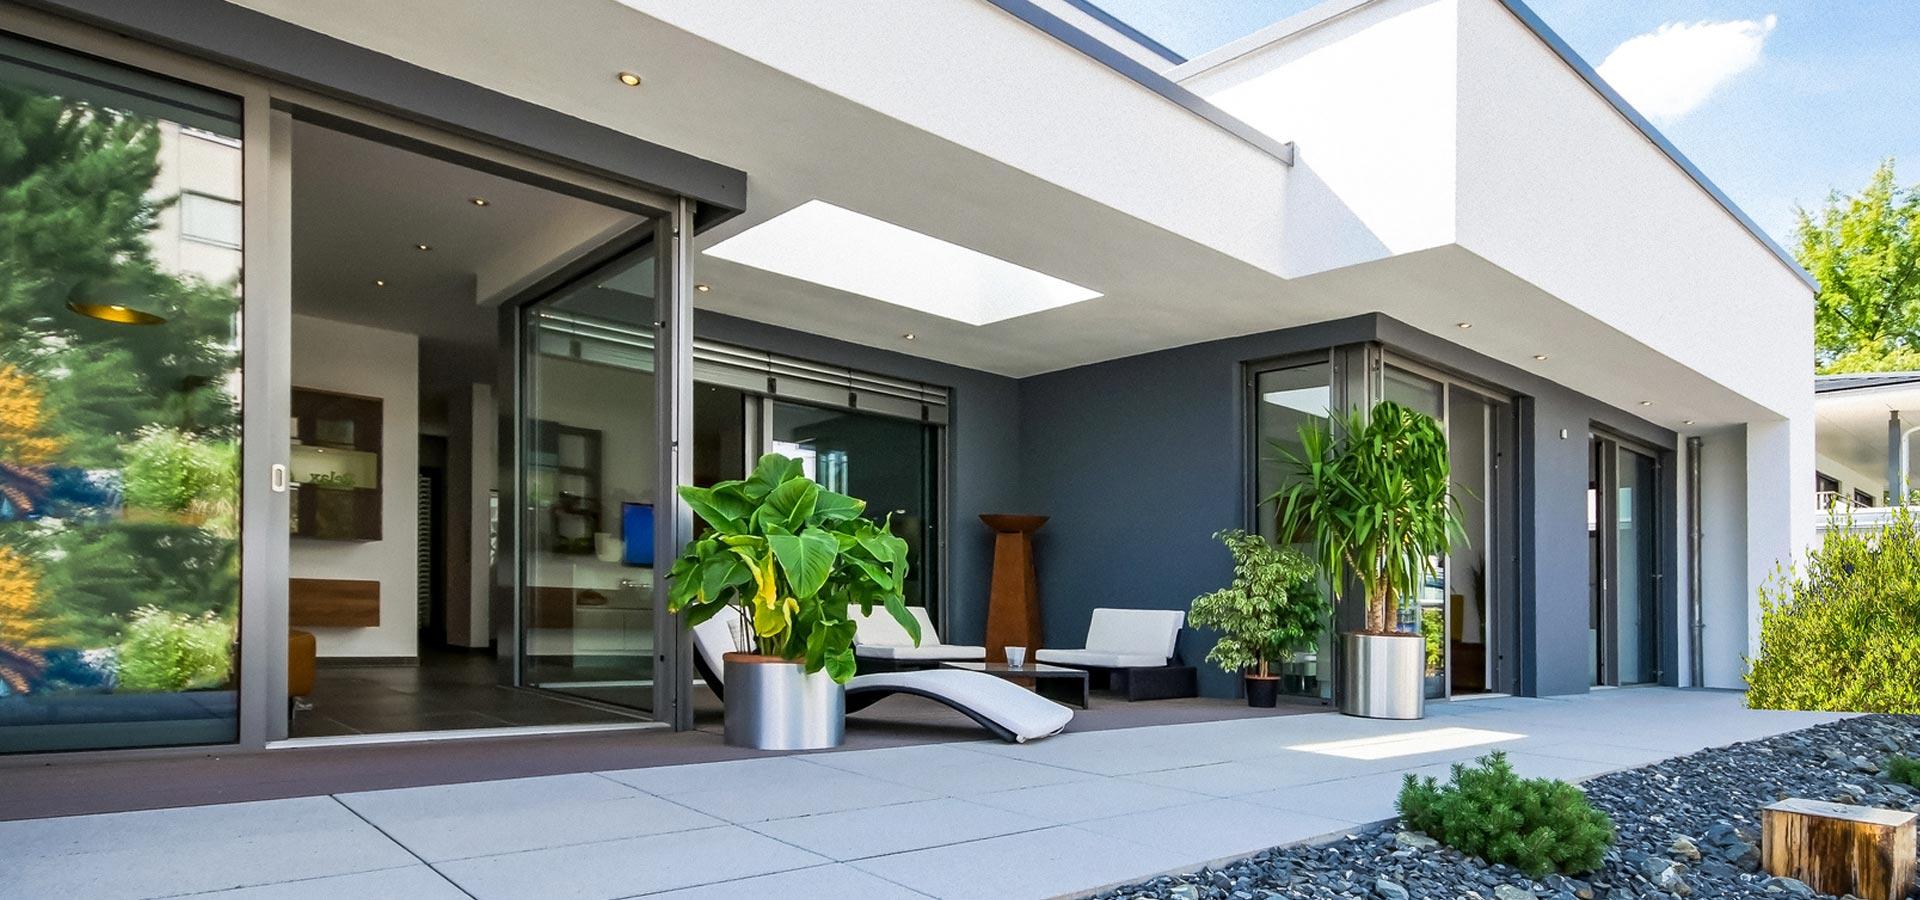 Terrasse zur Erhöhung der Wohnqualität